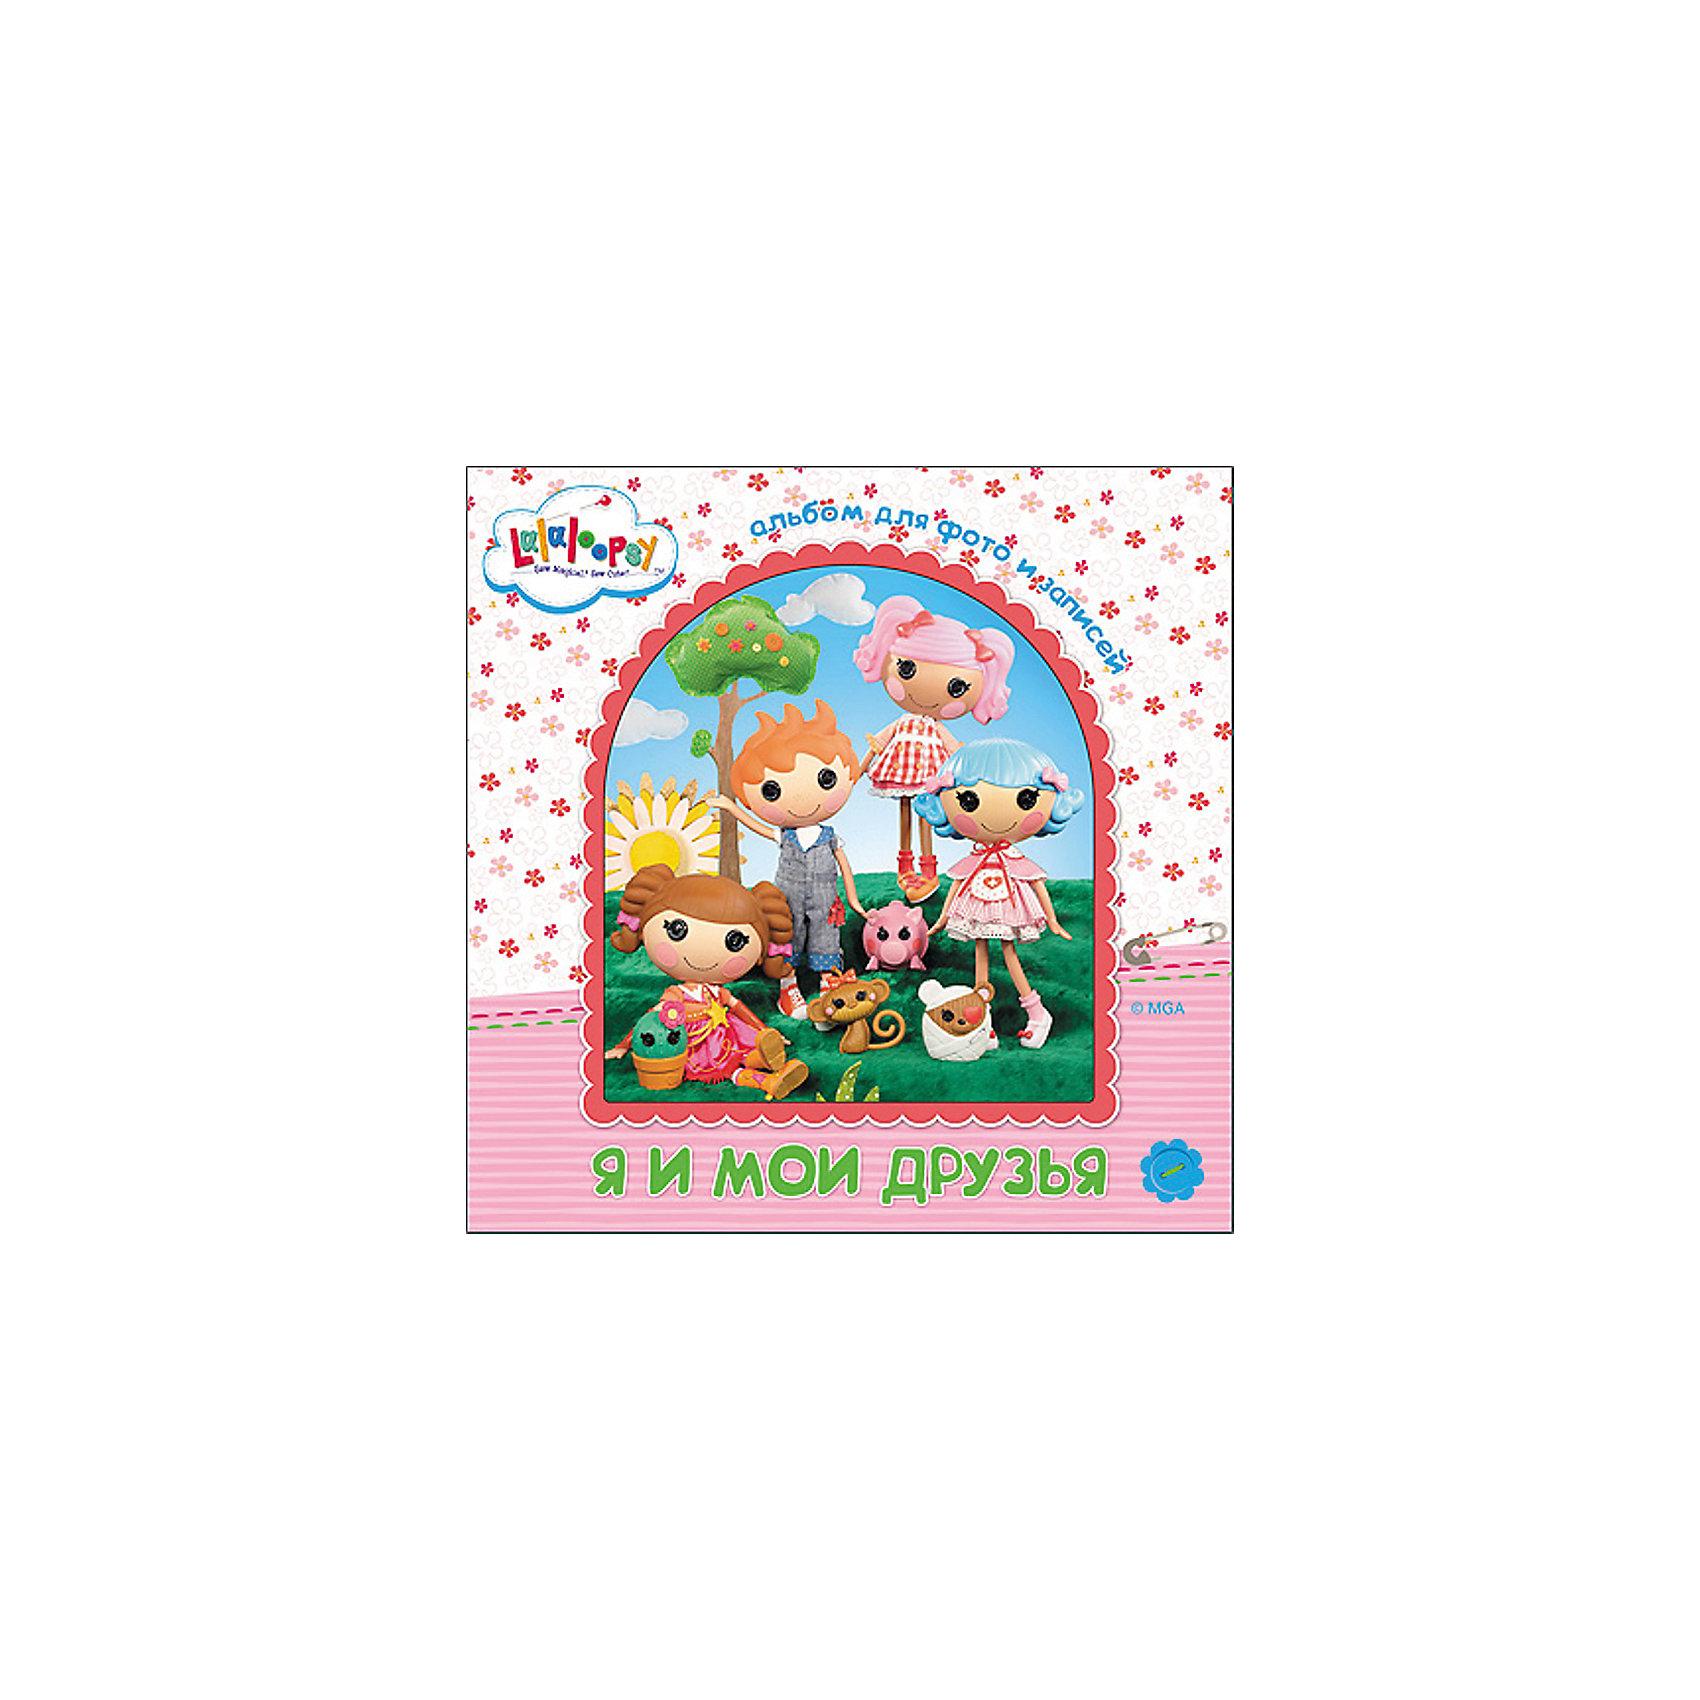 Альбом для фото Я и мои друзья, ЛалалупсиБренды кукол<br>Милые куколки из страны Лалалупсии — лучшие подружки в мире! Они умеют веселиться, дарить подарки и, конечно, хранить секреты. В волшебных красивых альбомах Лалалупси помогут тебе сохранить самые приятные моменты и дорогие воспоминания. И ты с радостью будешь перелистывать чудесные страницы снова и снова!<br><br>Дополнительная информация:<br><br>Переплет: твердый<br>Страниц: 36<br>Формат: 265х265 мм<br><br>Альбом для фото Я и мои друзья, Лалалупси можно купить в нашем магазине.<br><br>Ширина мм: 265<br>Глубина мм: 5<br>Высота мм: 265<br>Вес г: 400<br>Возраст от месяцев: 60<br>Возраст до месяцев: 84<br>Пол: Унисекс<br>Возраст: Детский<br>SKU: 4612602